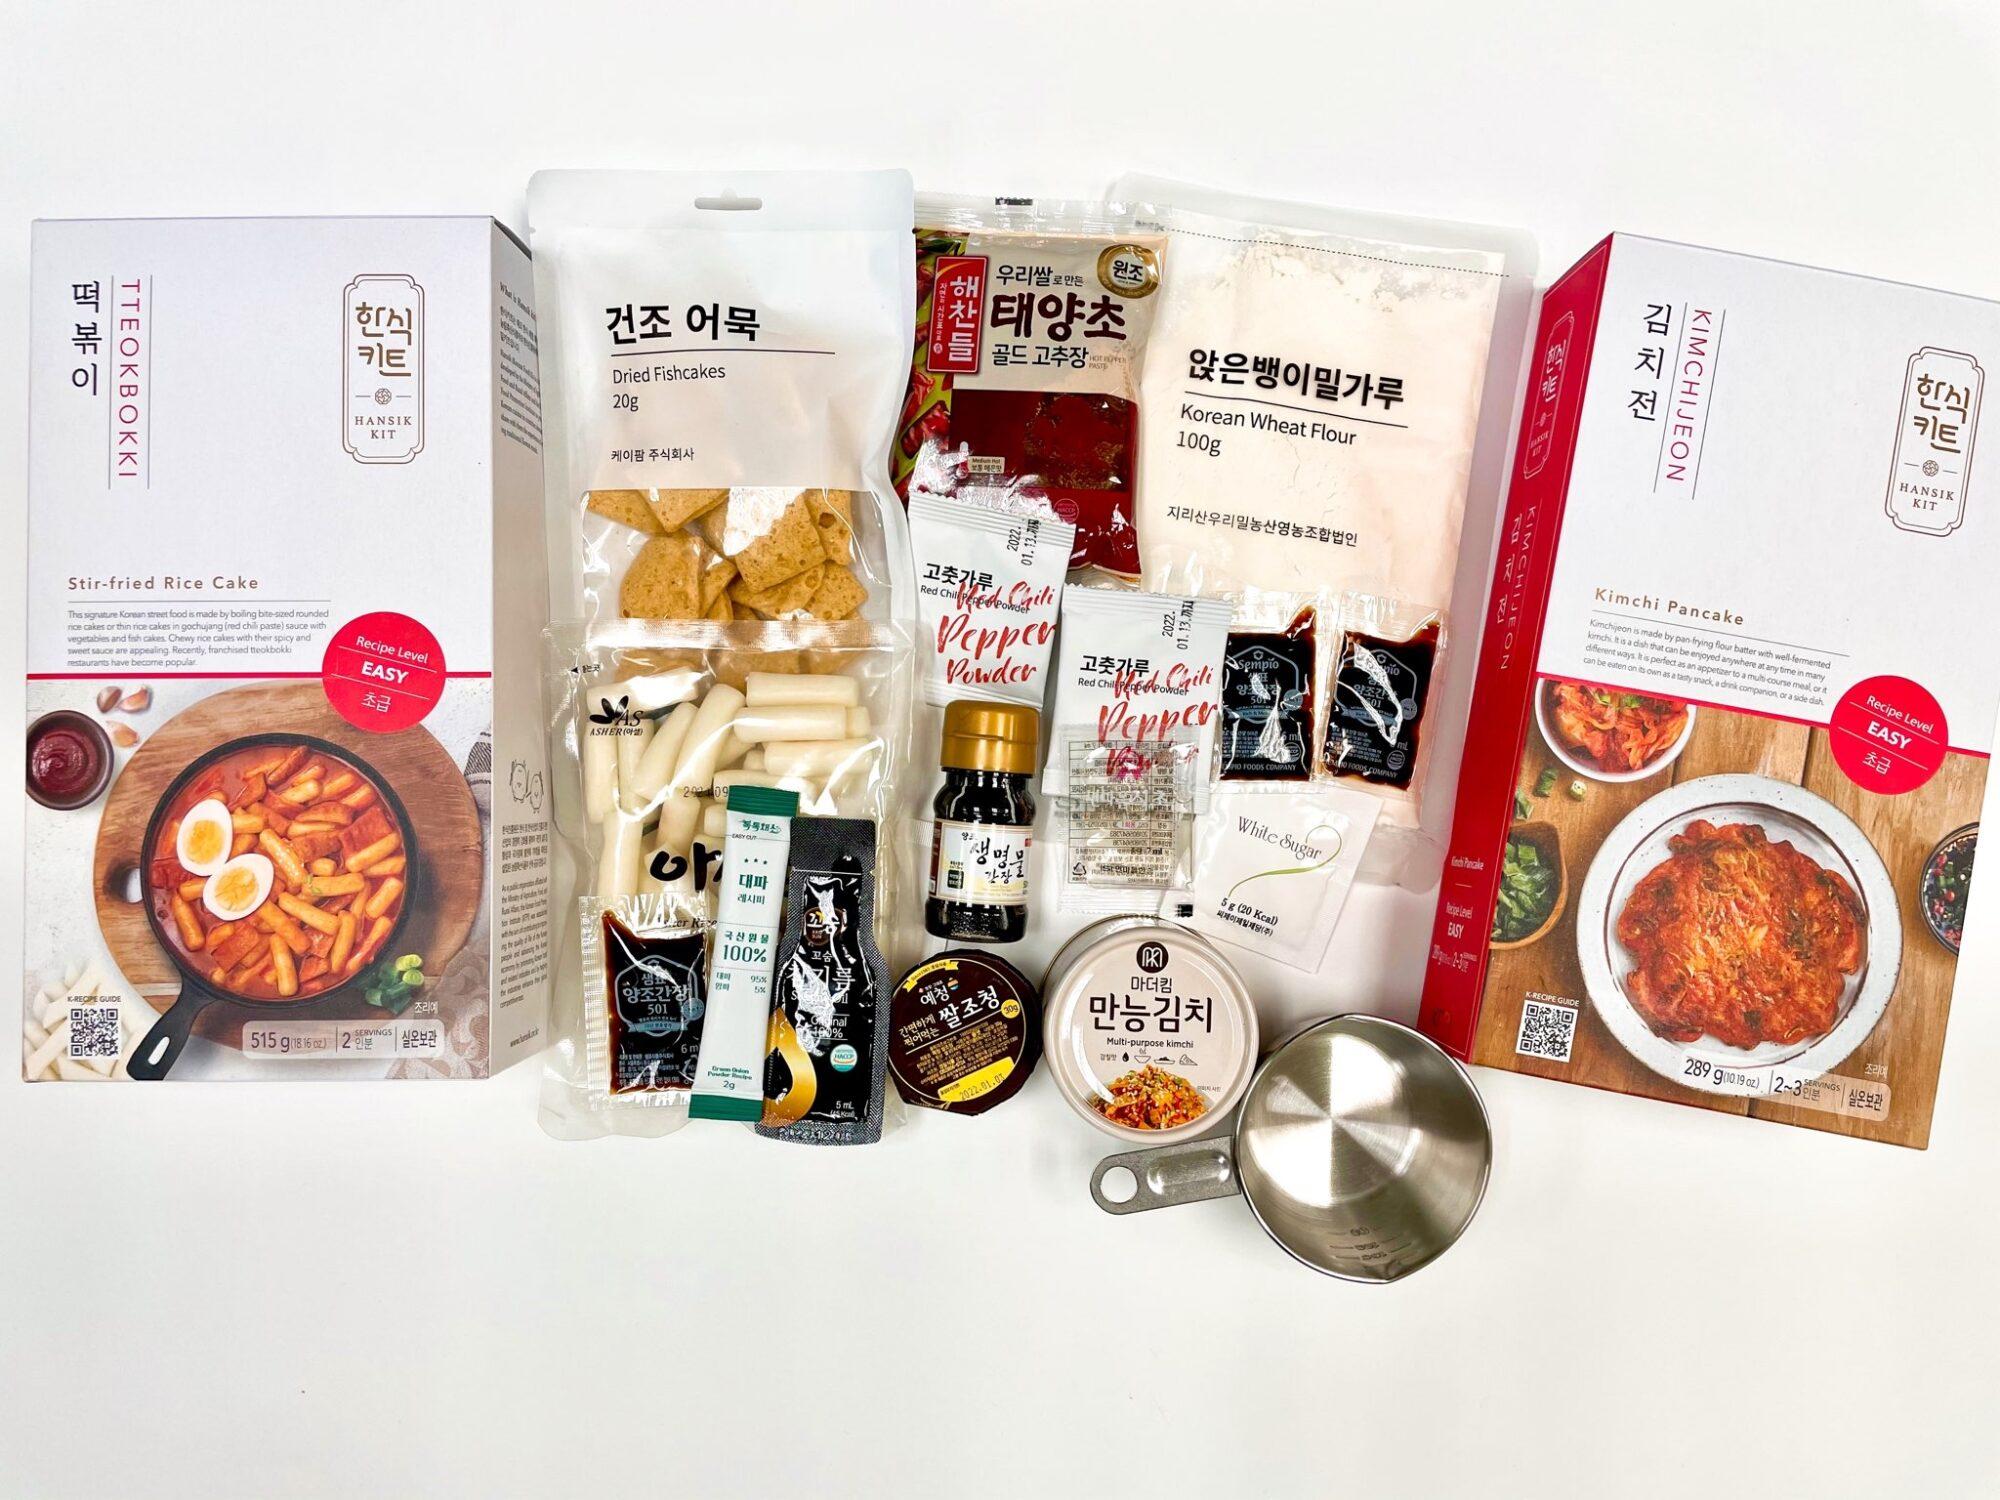 600份韓食料理體驗組合包免費送 韓國觀光公社讓你宅家做韓食